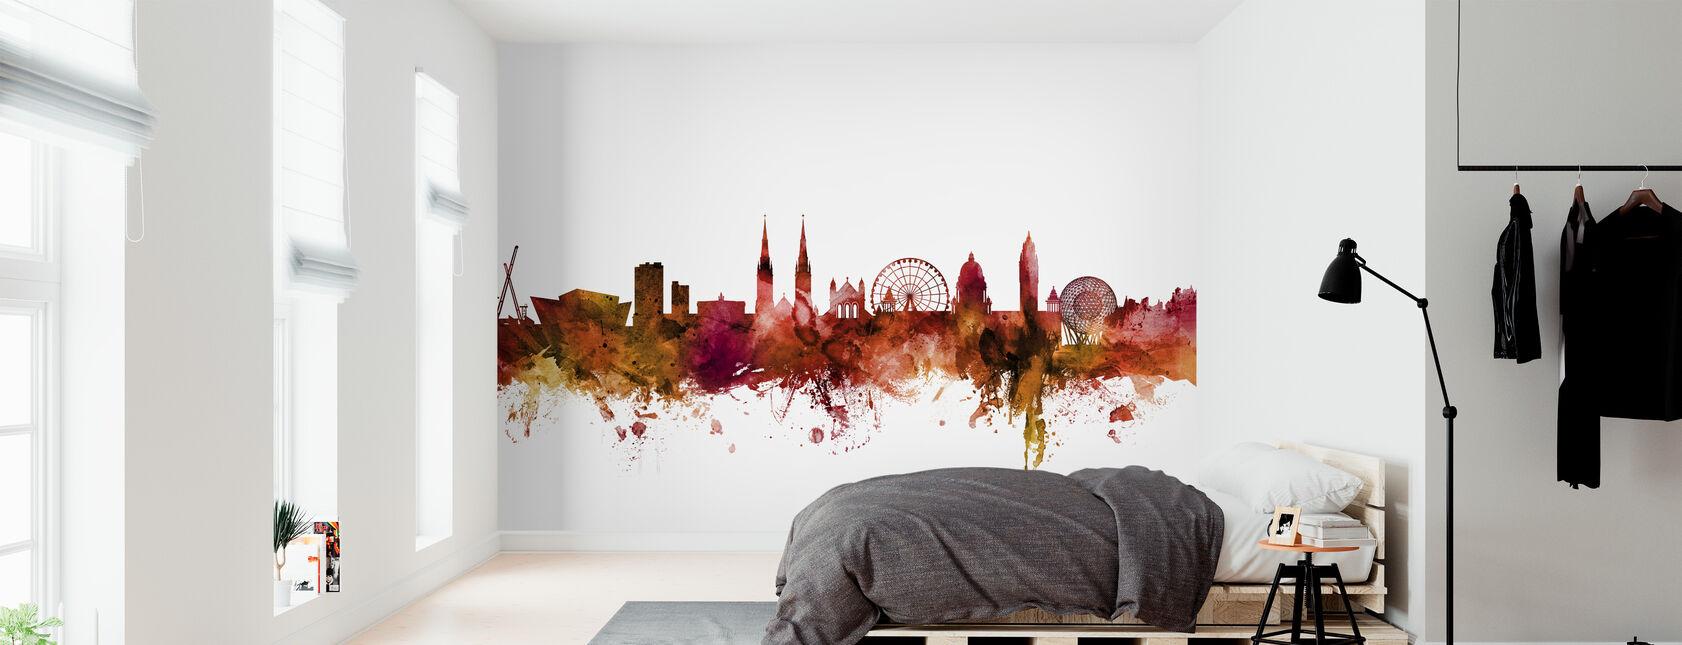 Belfast Northern Ireland Skyline - Wallpaper - Bedroom